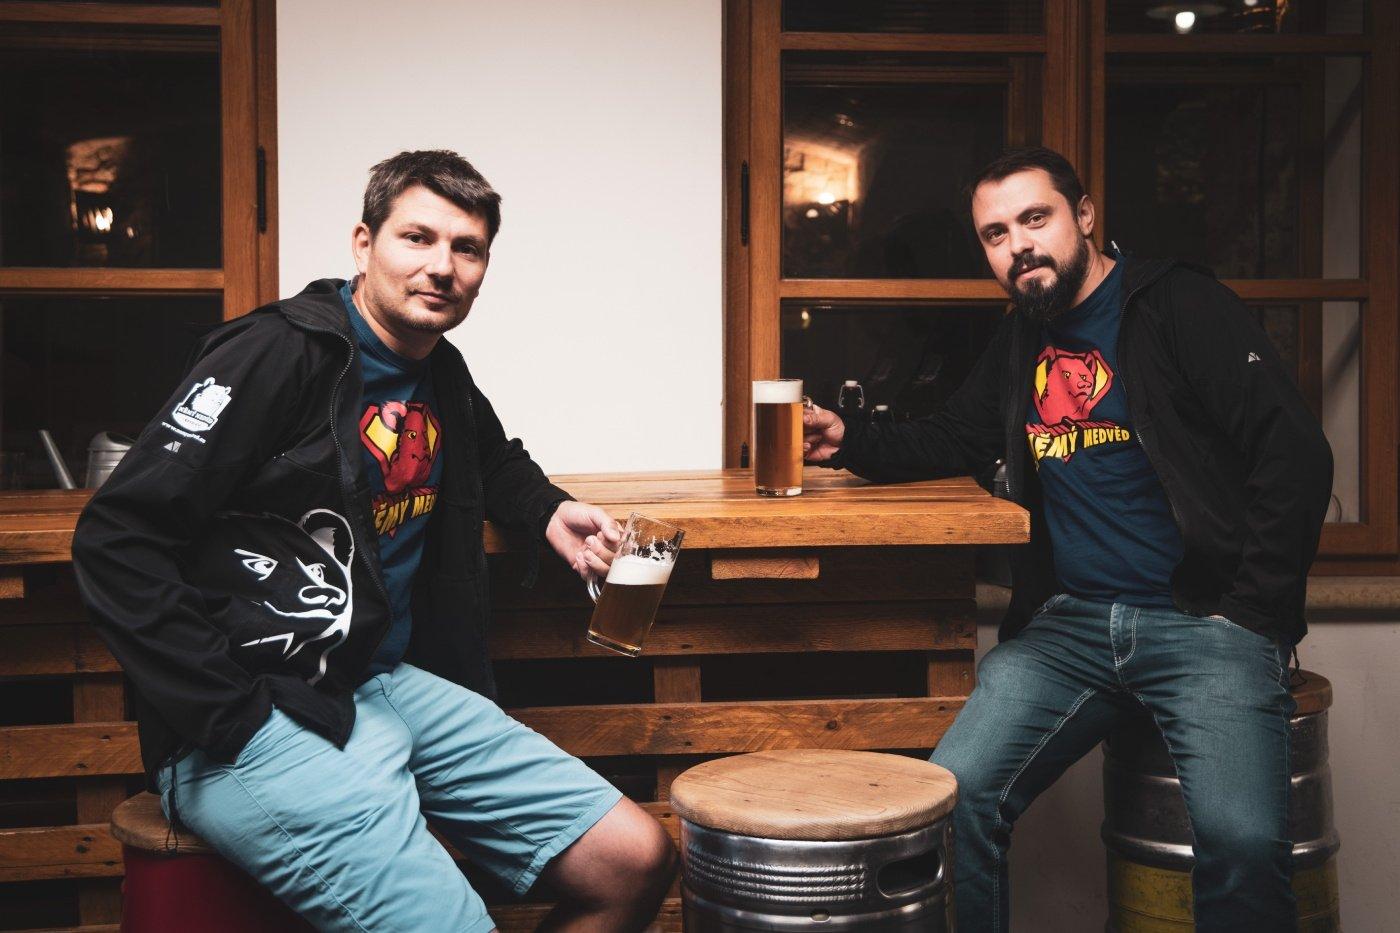 Němý medvěd pivo díky podpoře zákazníků vylévat nemusí